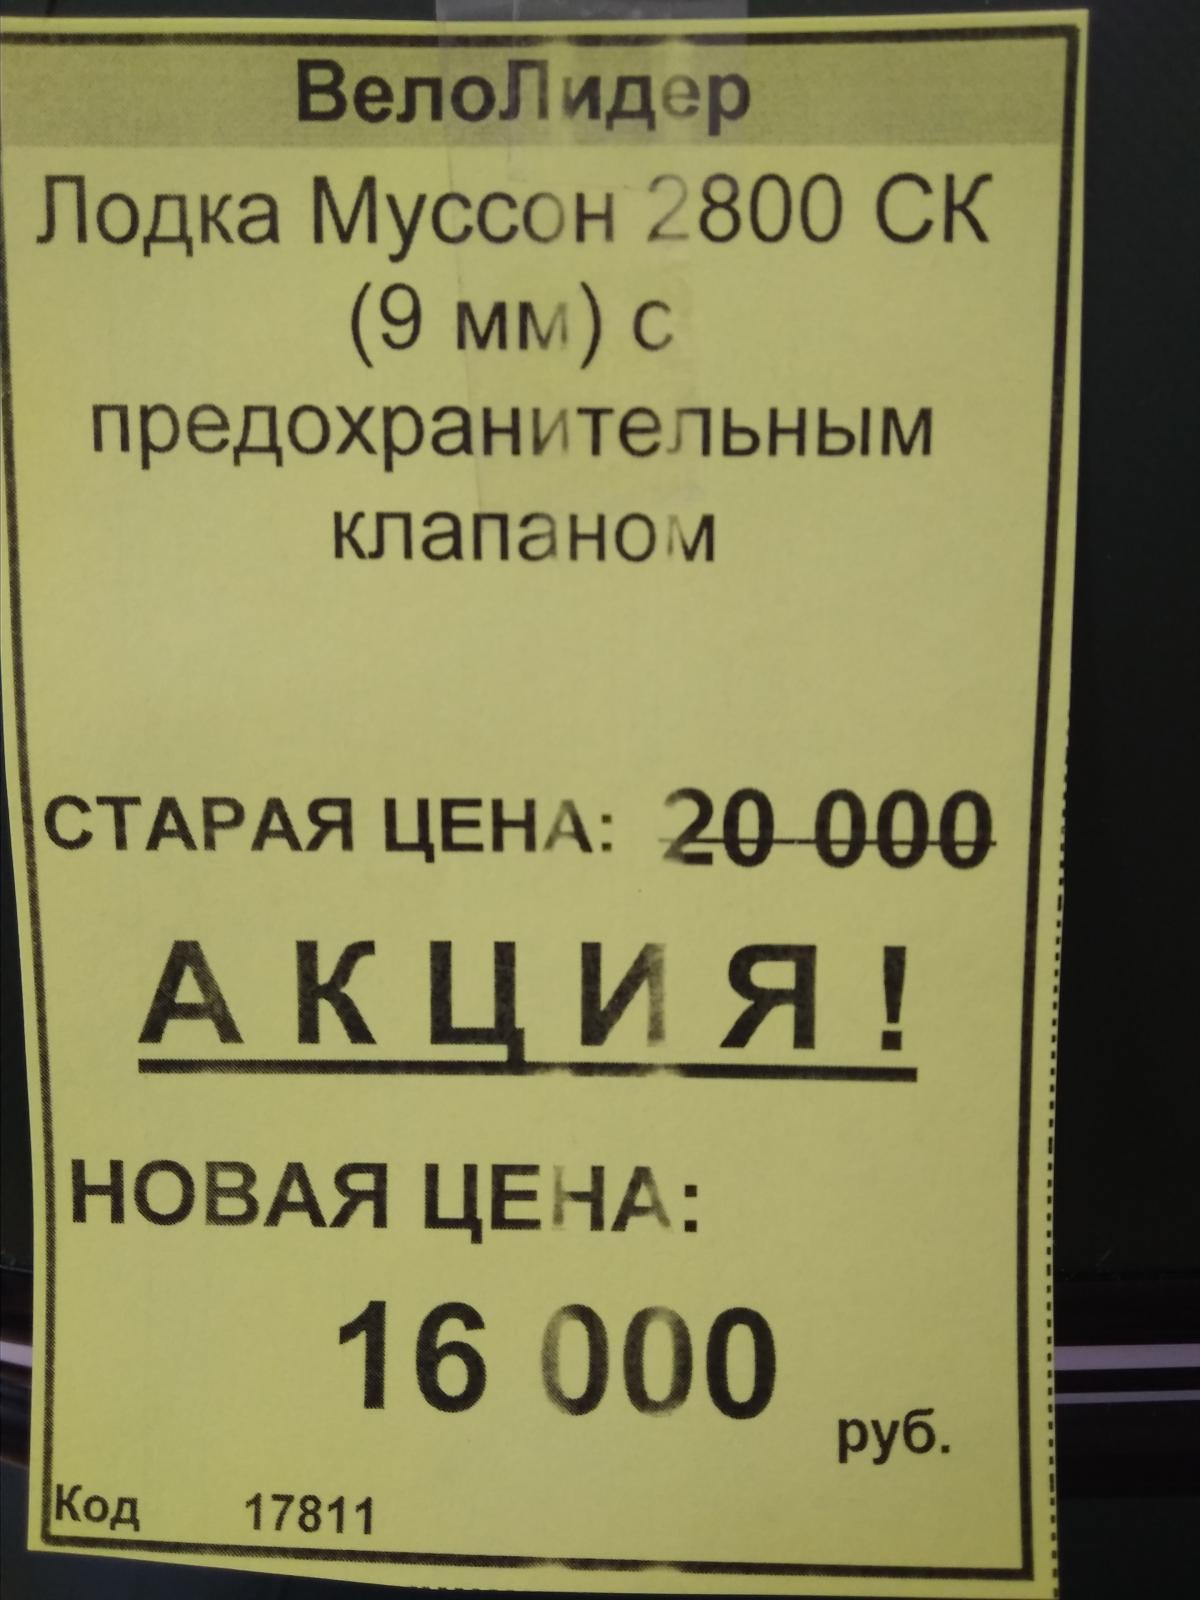 http://s2.moifotki.org/2453d5bef0a0131a01a4671cc8471601.jpeg